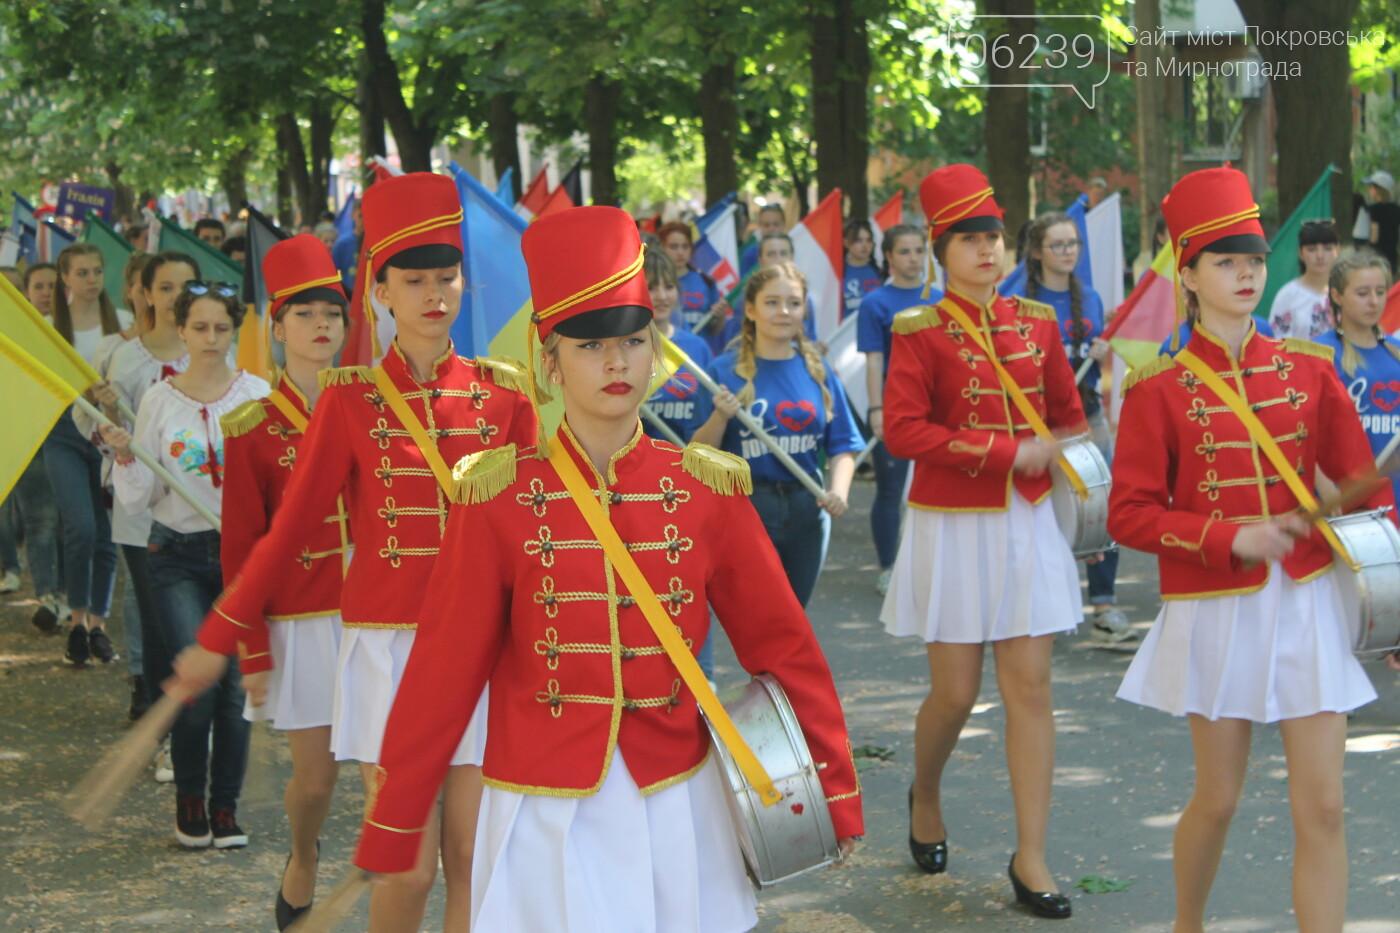 В Покровске День Европы отметили шествием, фото-2